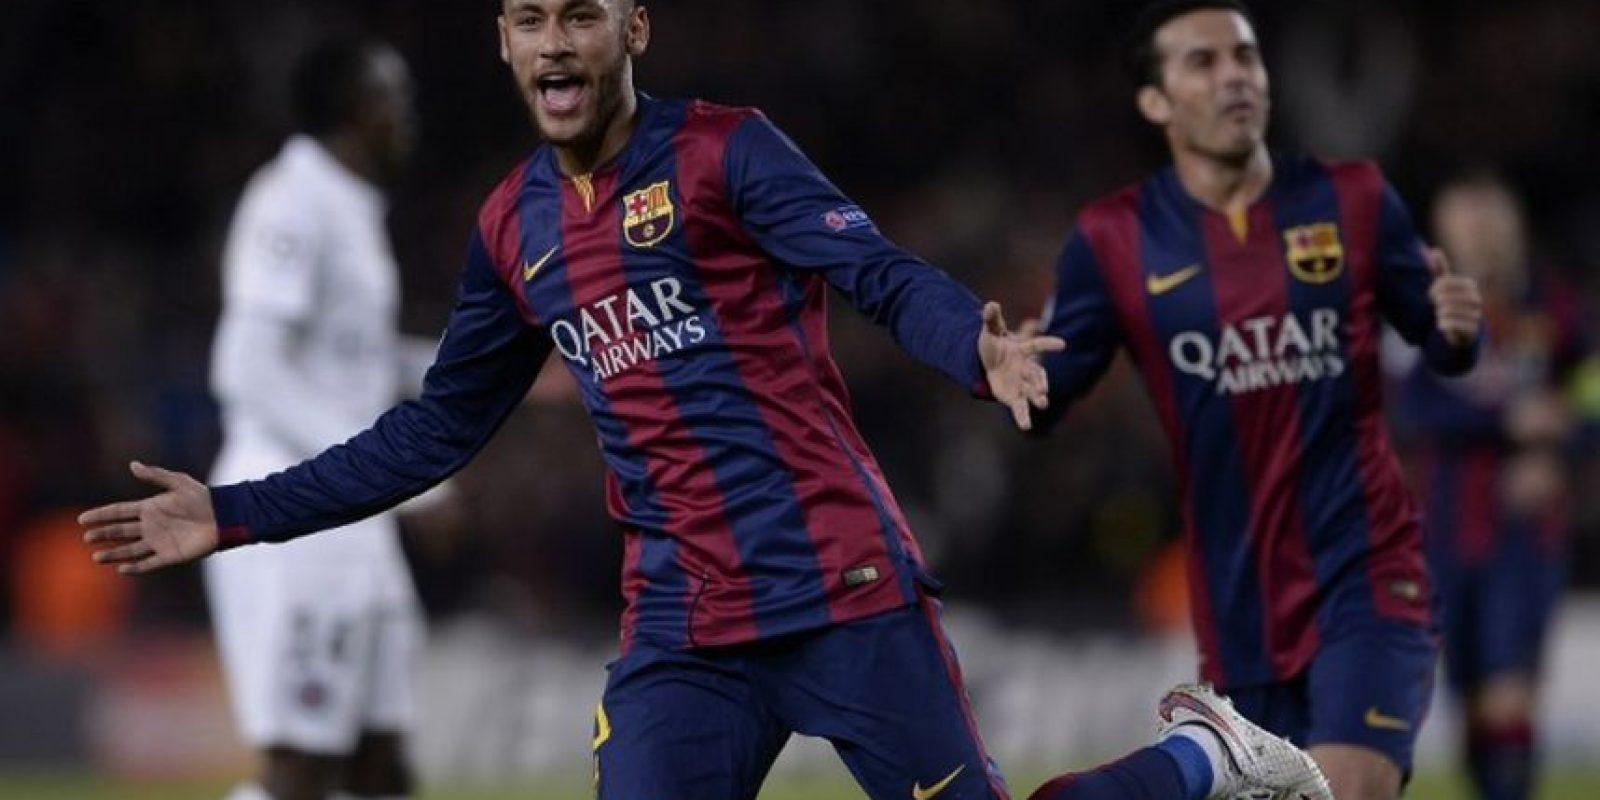 10 de diciembre de 2014. En el Camp Nou, Barça tenía la misión de obtener la victoria para quedarse con el liderato del grupo F. En un duro partido, Zlatan abrió la cuenta a favor del PSG, pero rápidamente el tridente conformado por Messi, Neymar y Suárez decretaron el 3-1 final. Foto:AFP